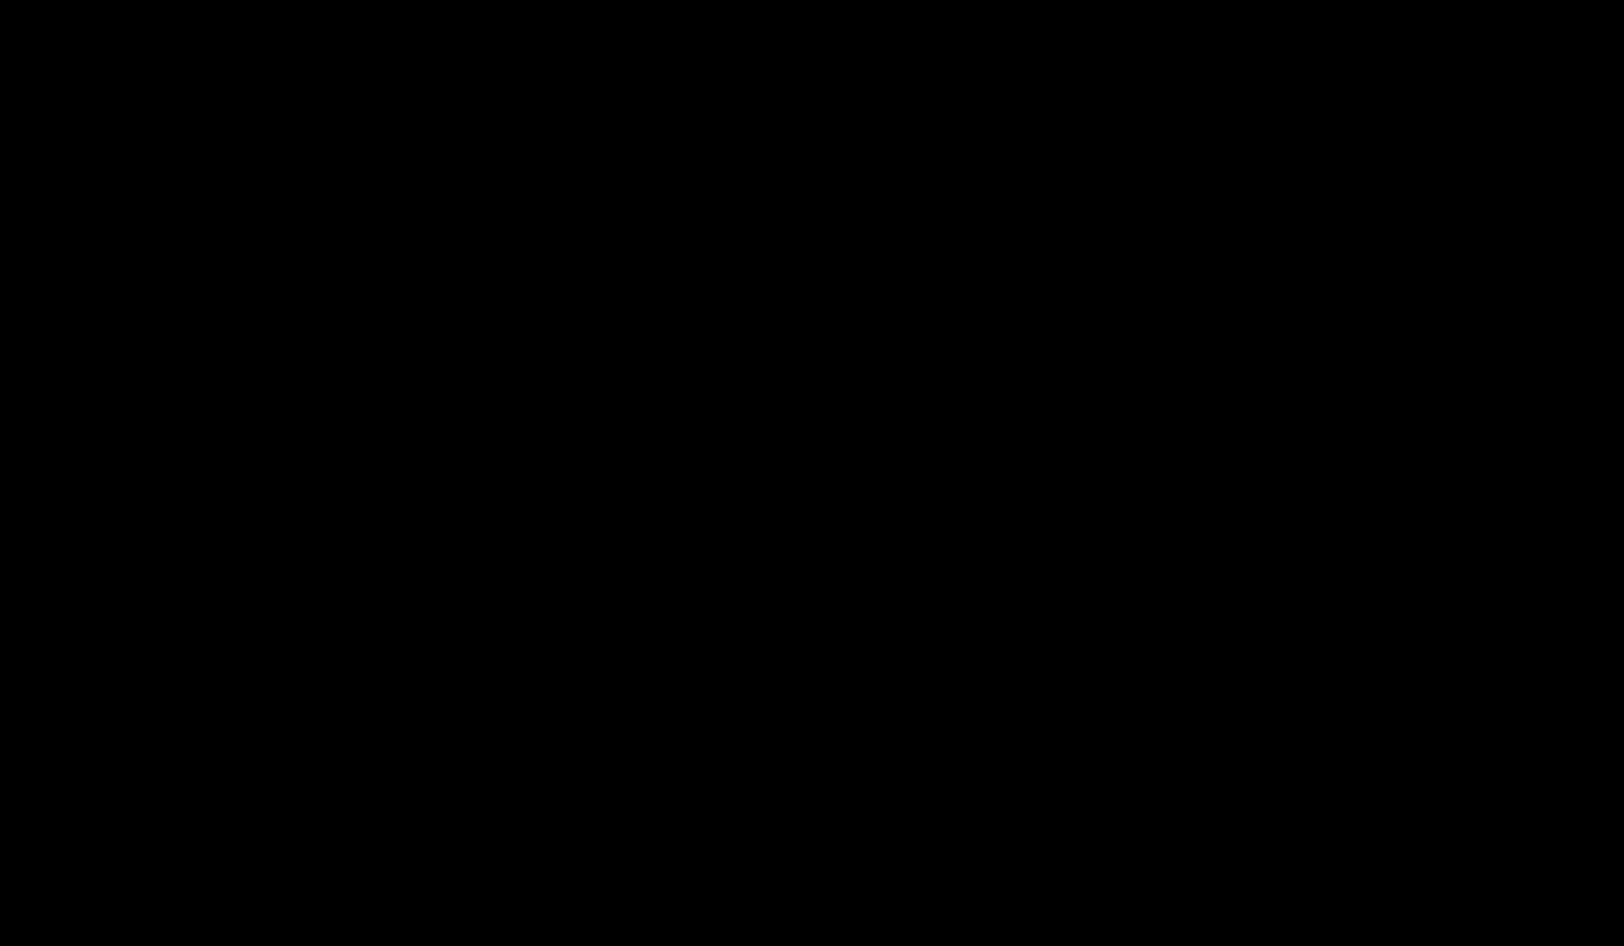 TFP-dPEG®₁₂-biotinidase resistant biotin